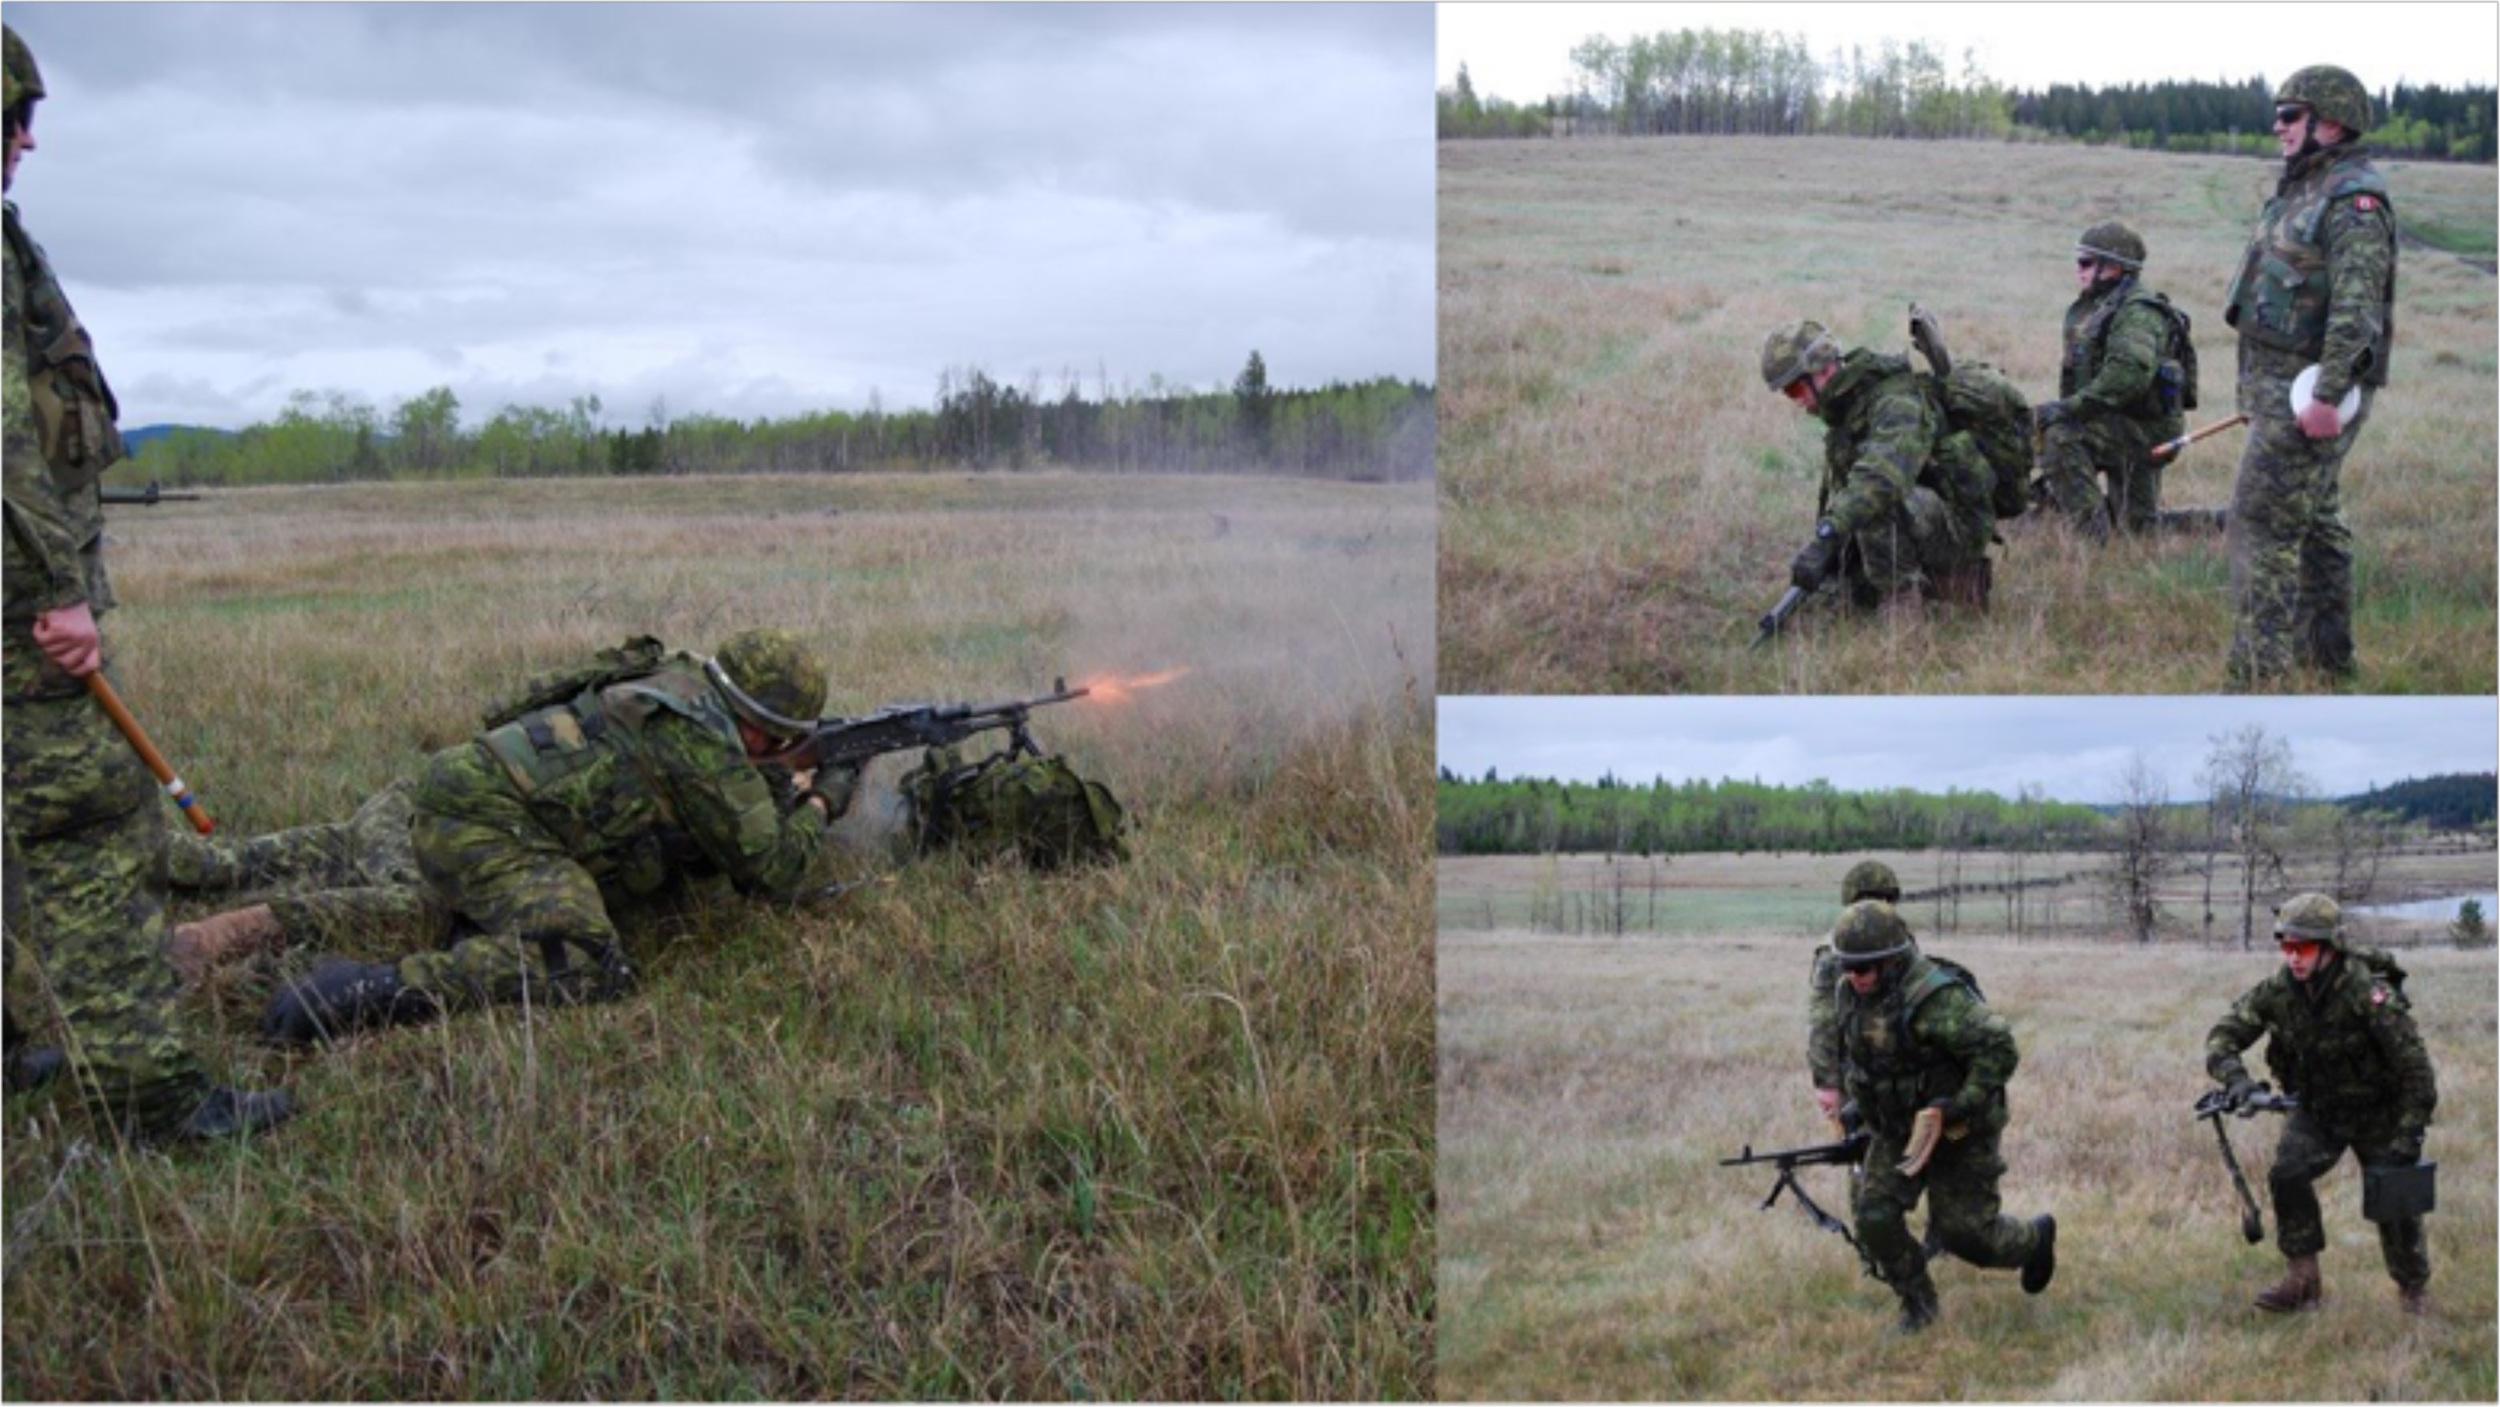 Seaforths firing the C6 machine gun.